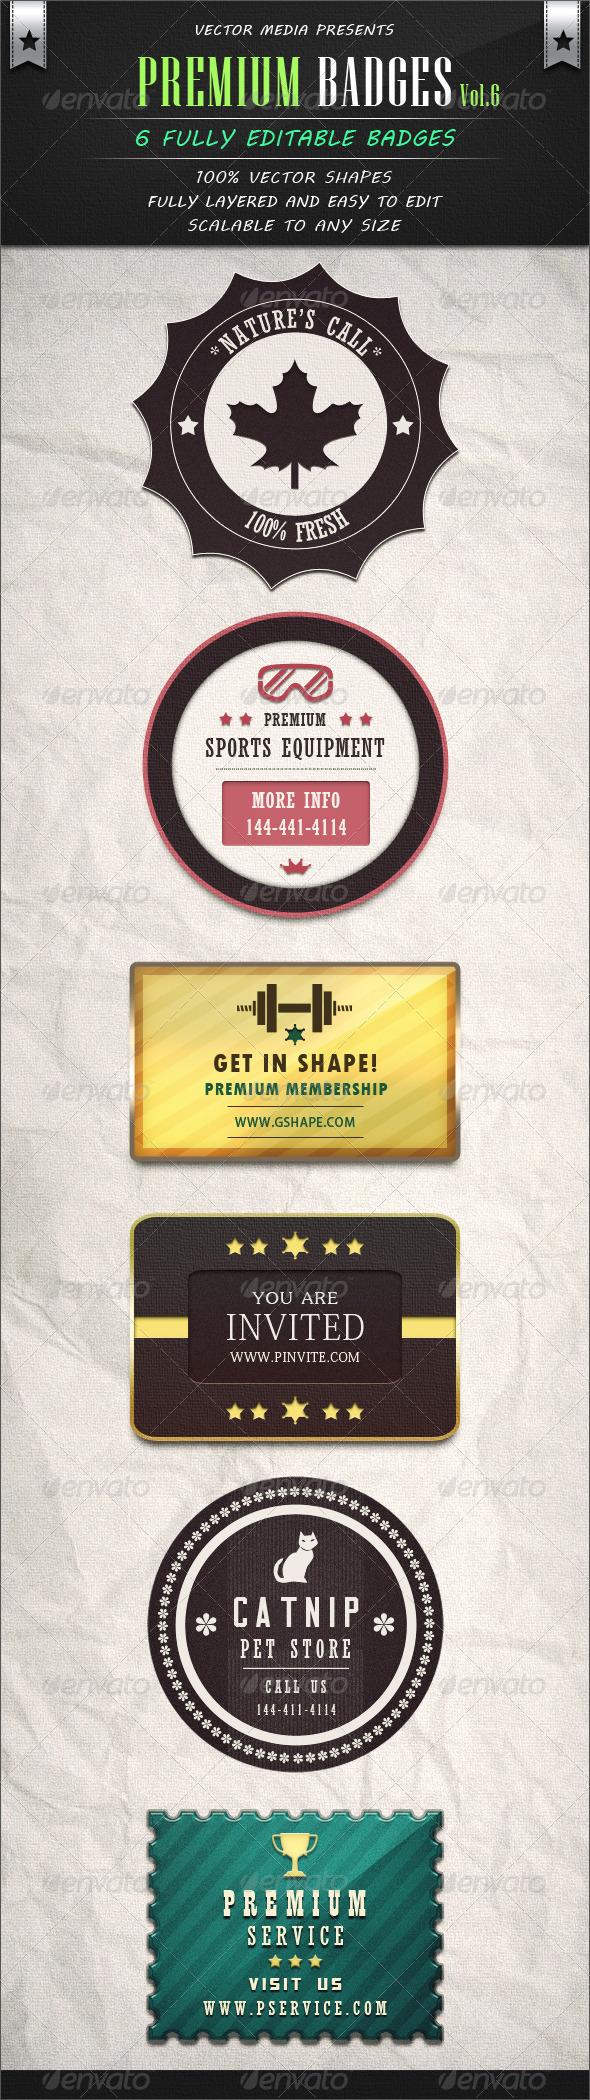 GraphicRiver Premium Badges Vol.6 3558654